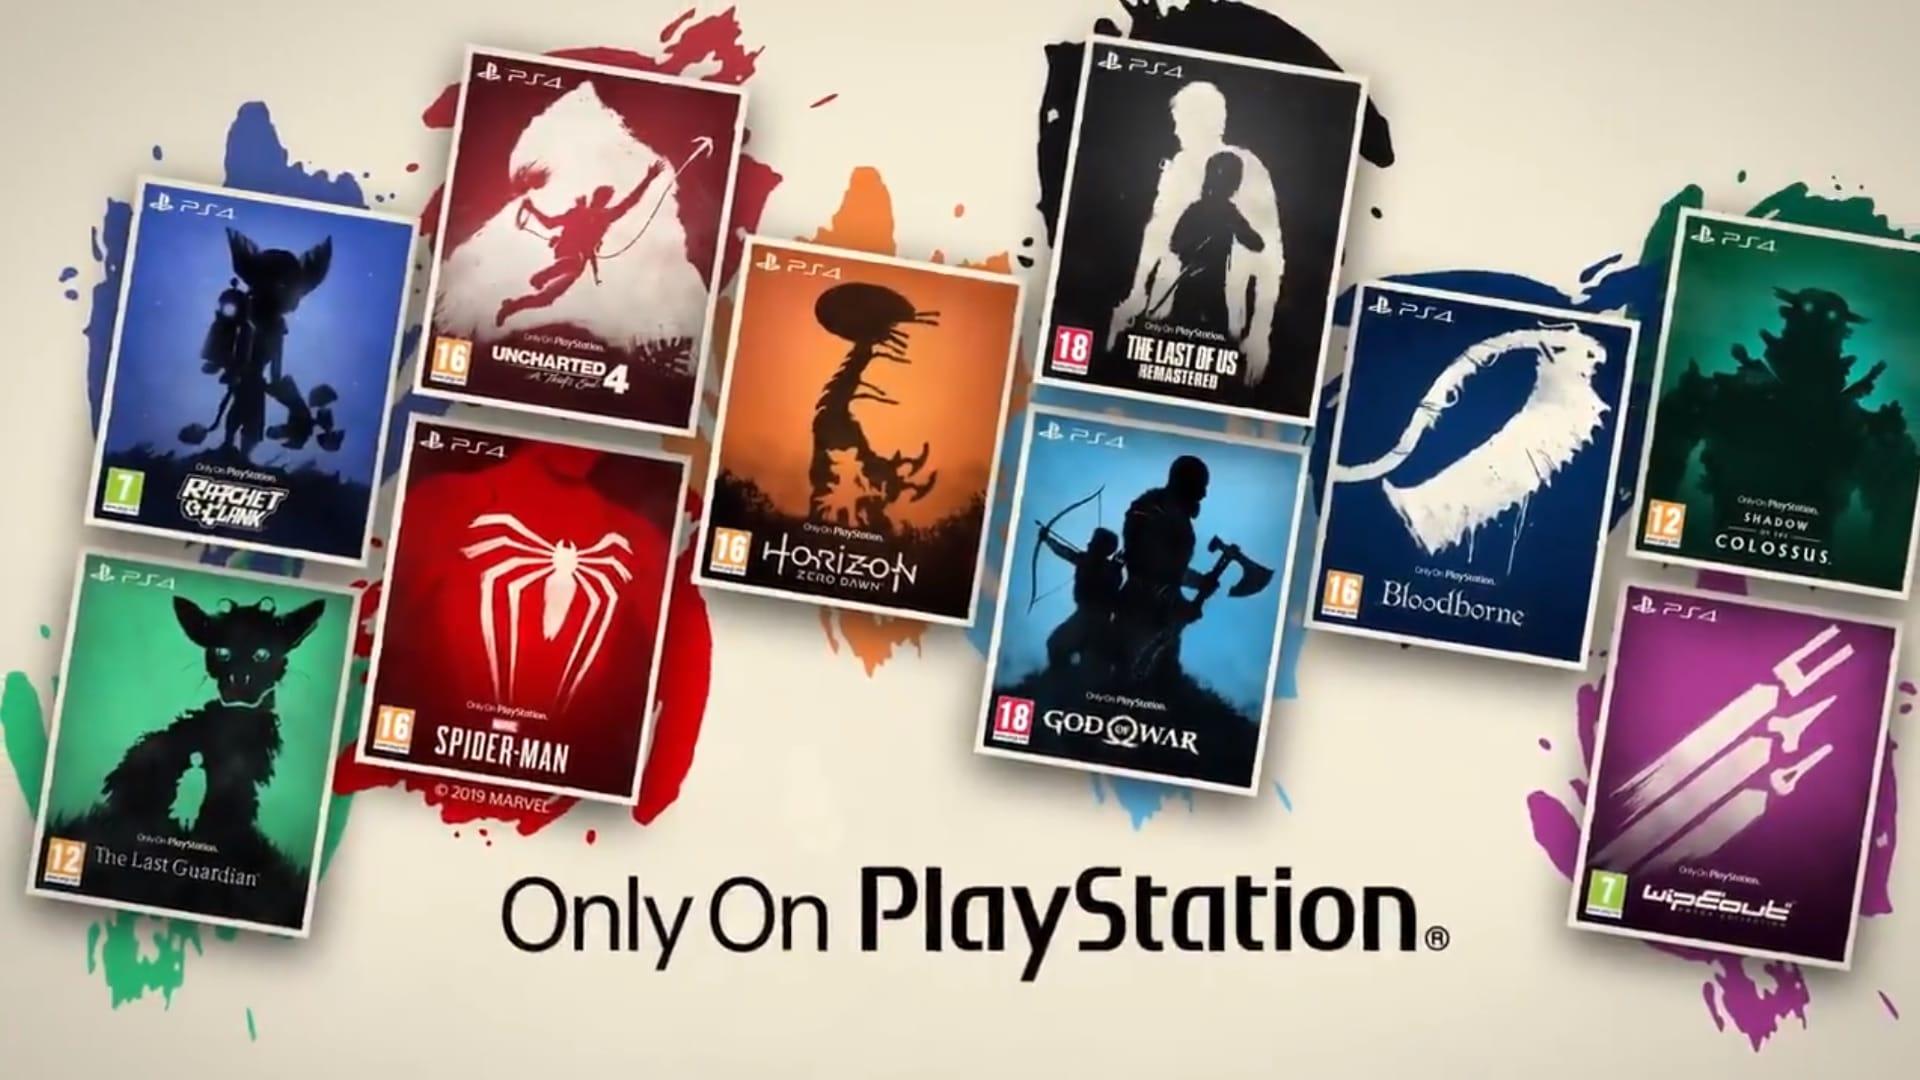 Capas de jogos exclusivos da PlayStation, que também estão disponíveis no PS5